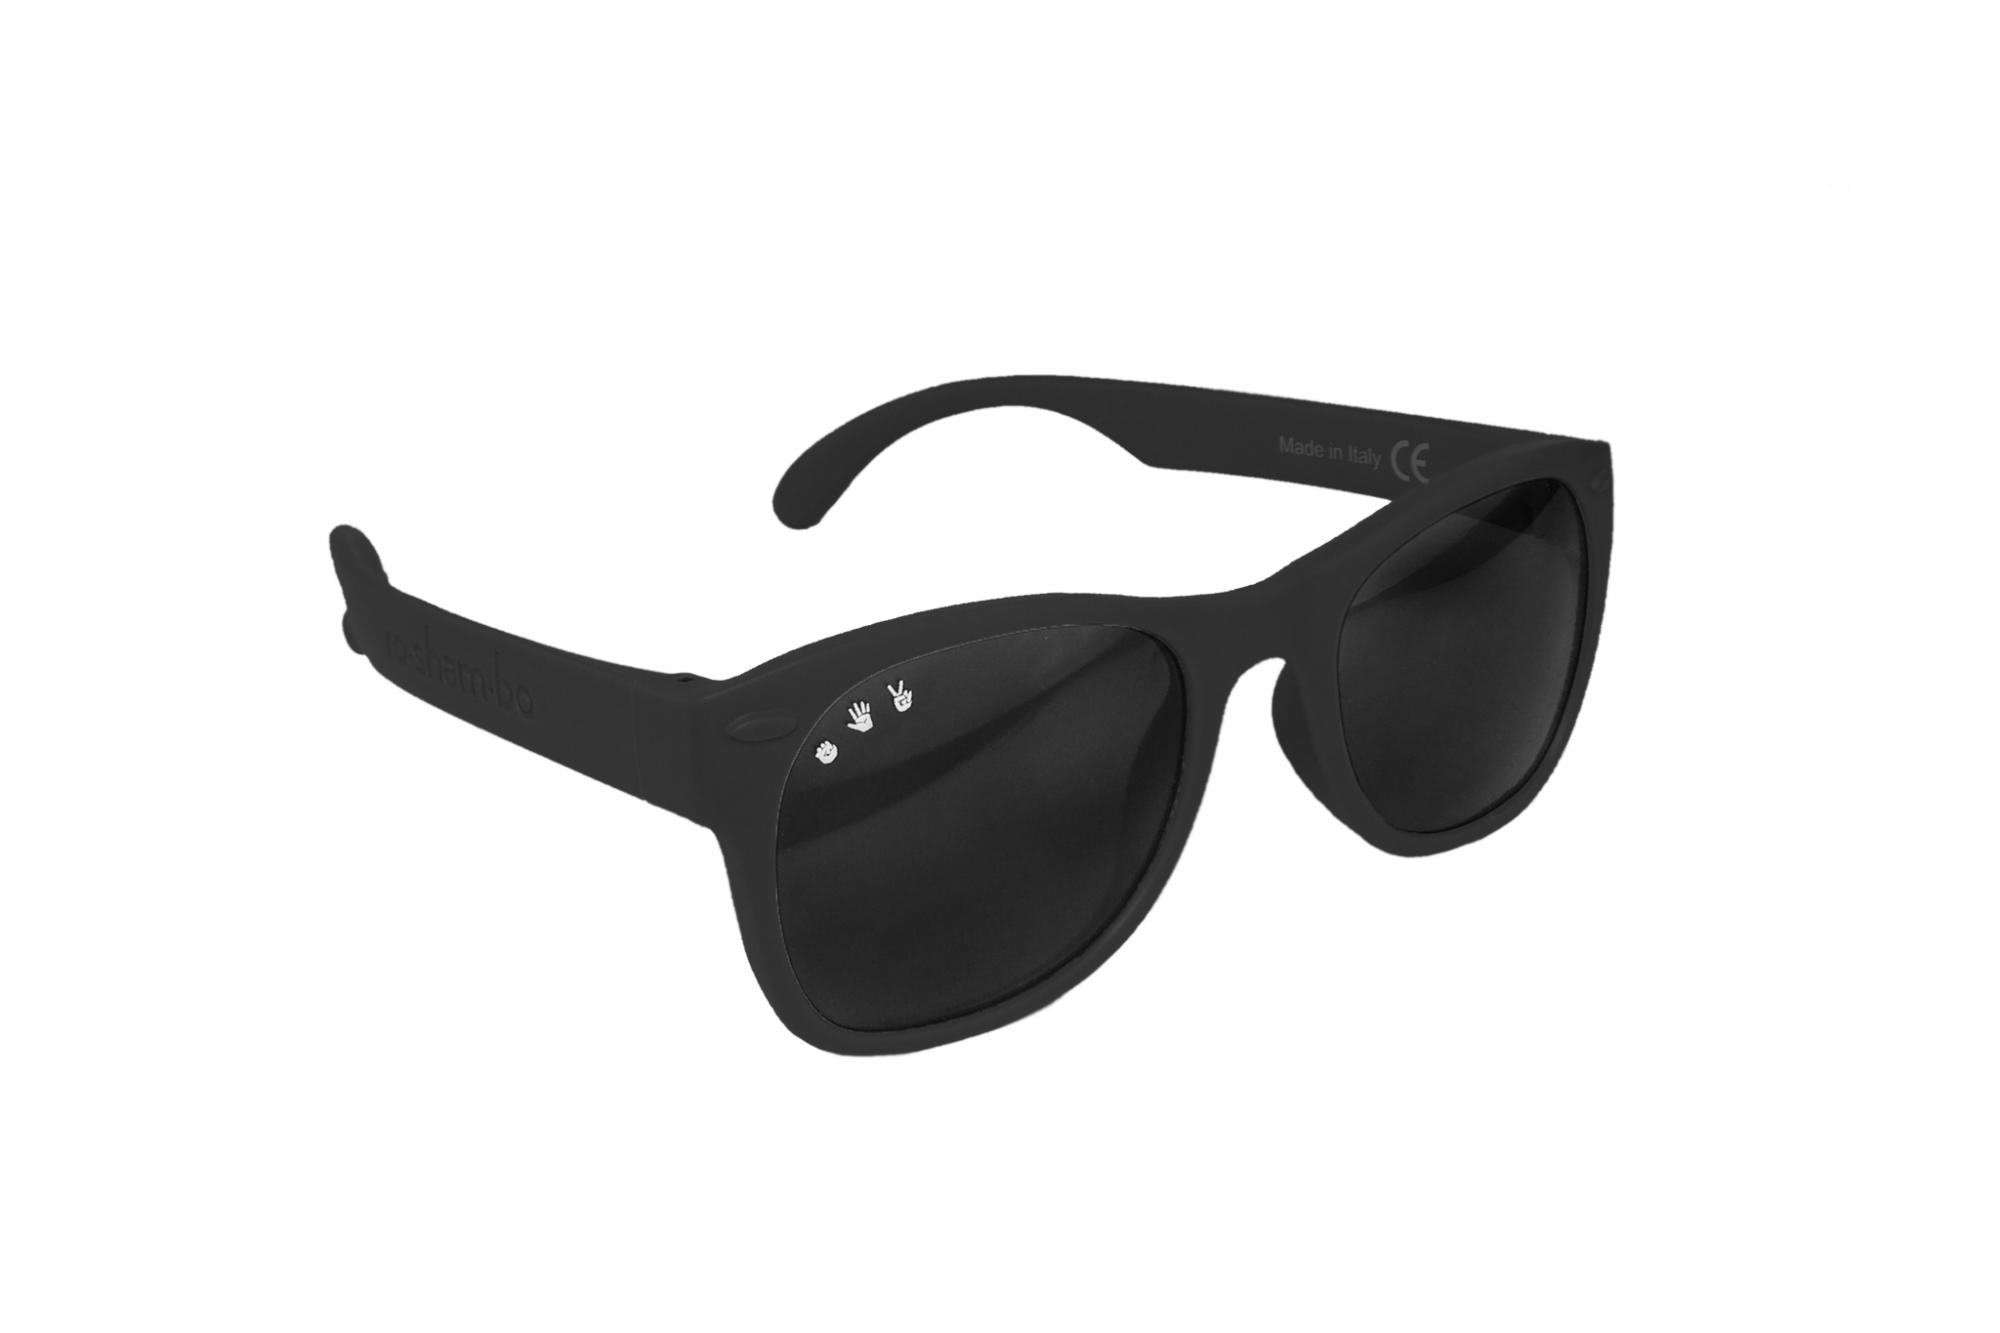 Roshambo Adult Sunglasses